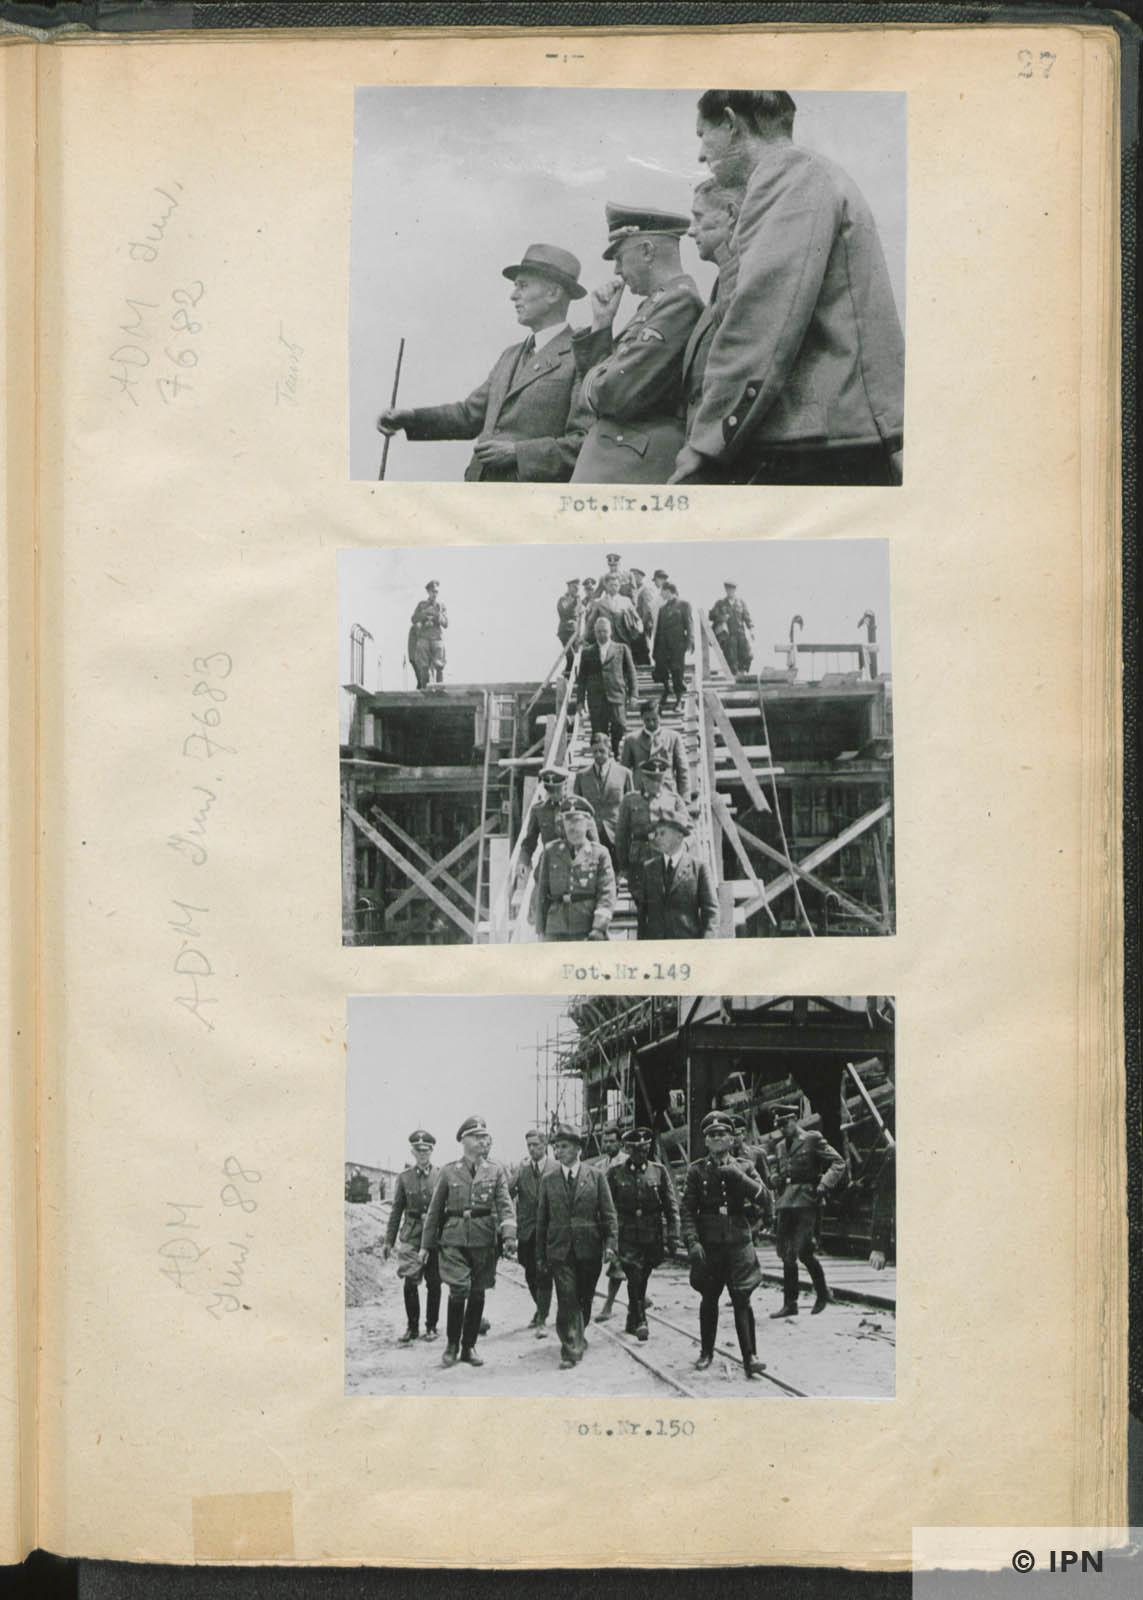 SS Reichsführer Heinrich Himmler visits IG Farben plant at Monowitz. July 17 to 18 1942. IPN GK 196 97 0032